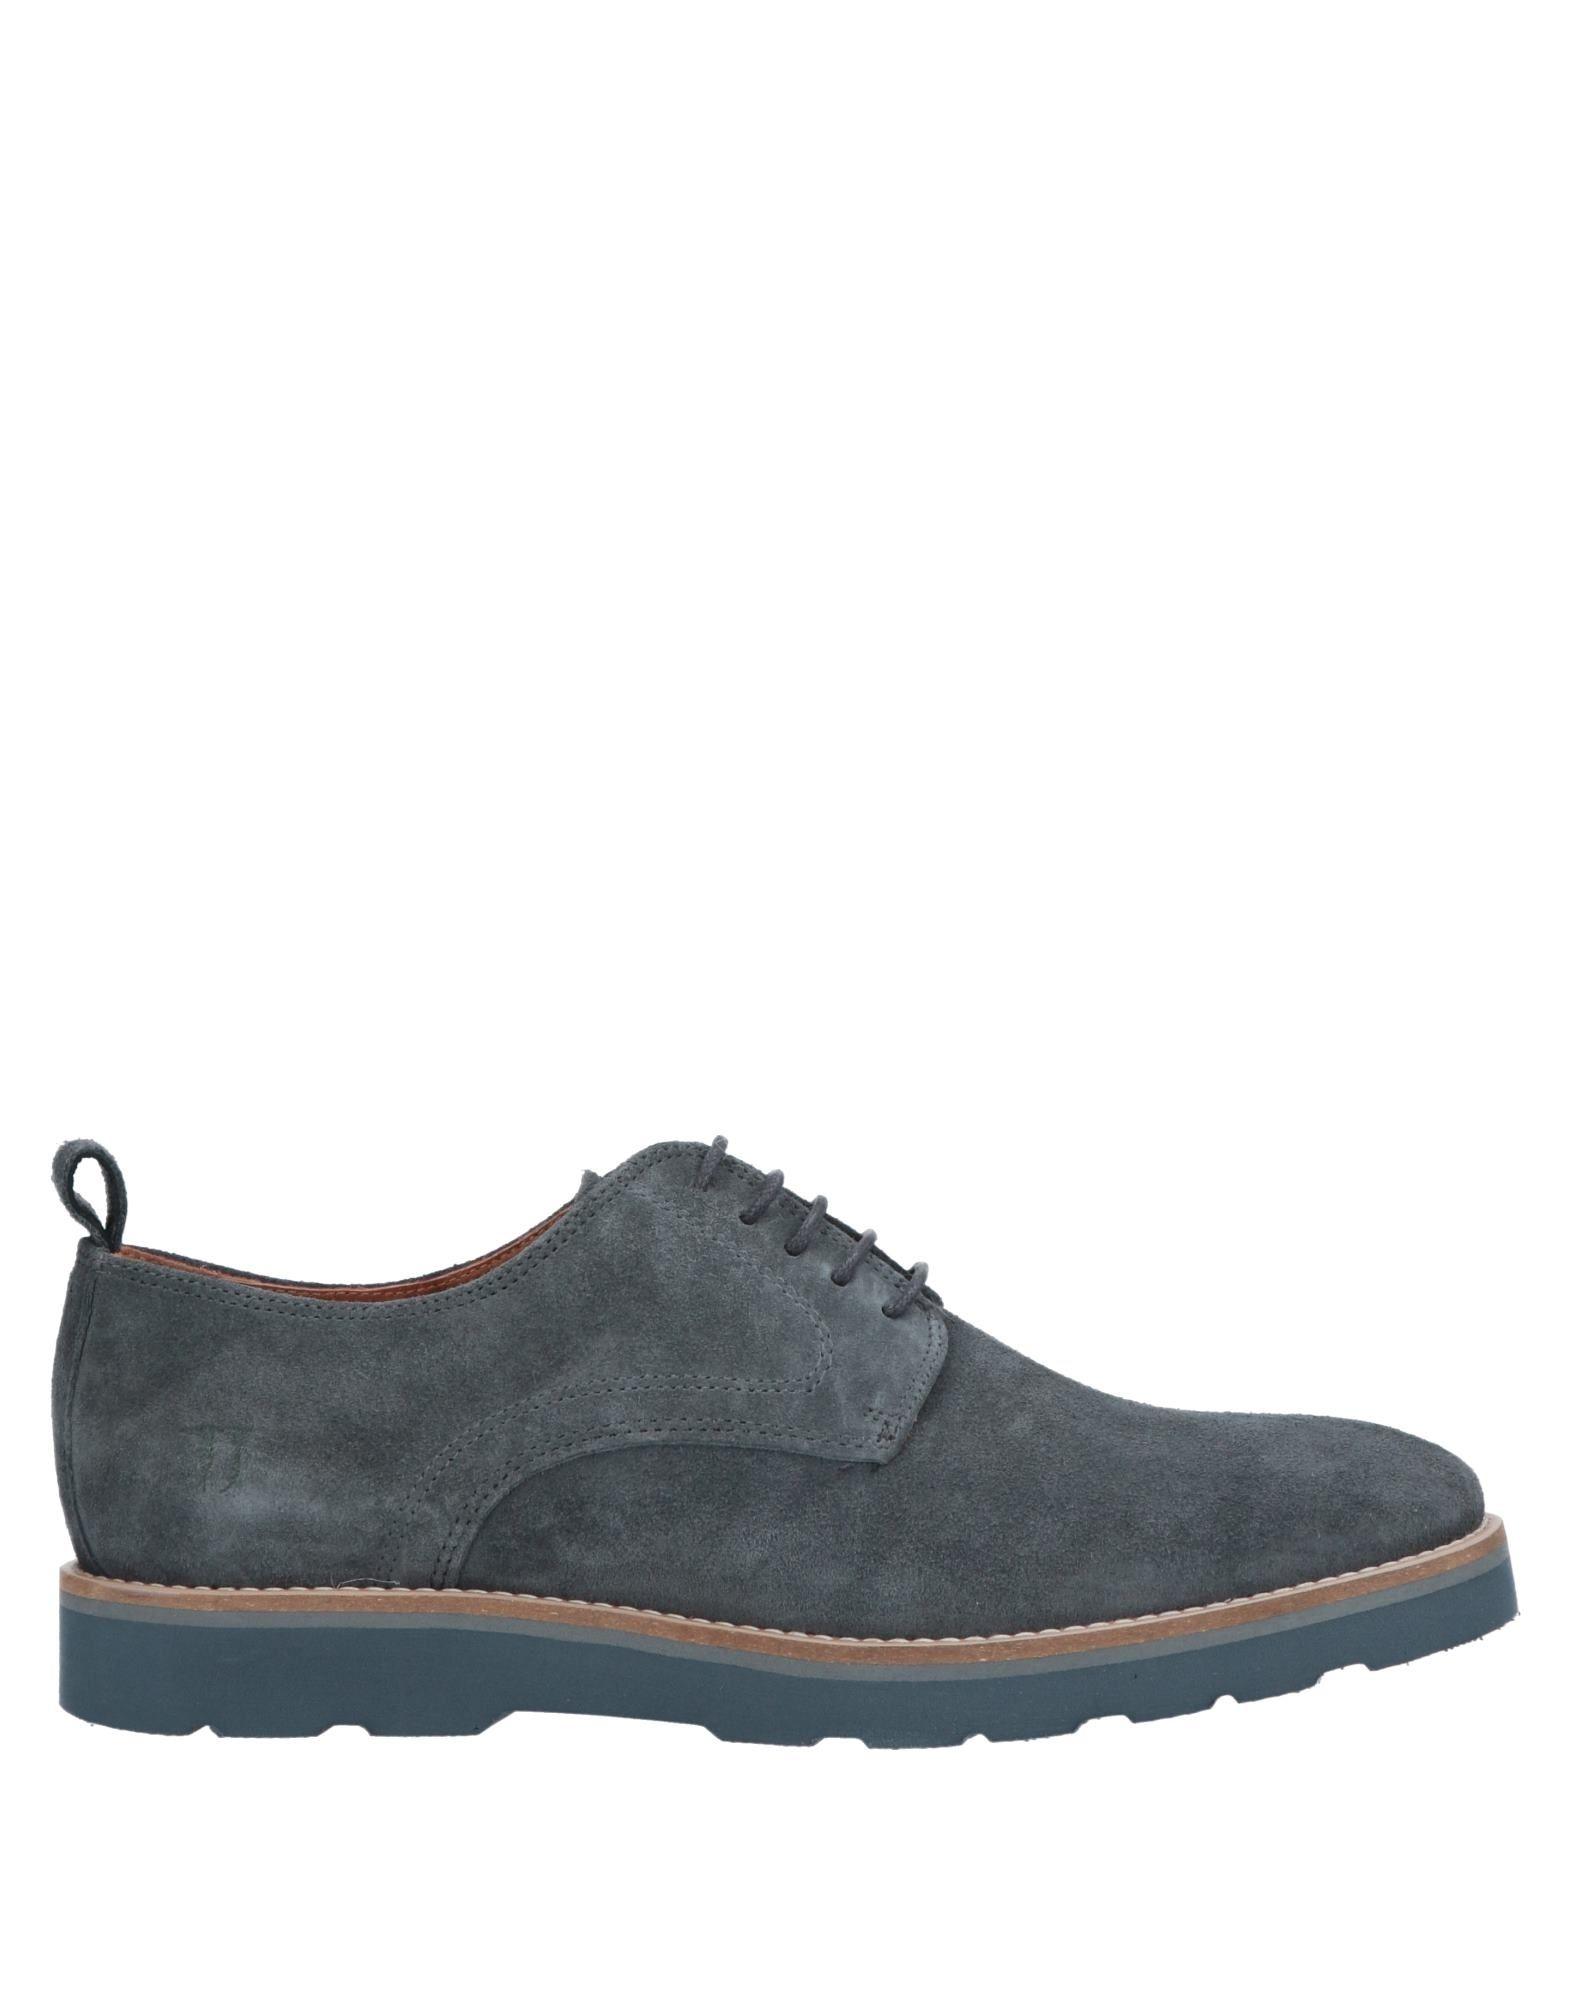 Фото - TRUSSARDI JEANS Обувь на шнурках trussardi jeans обувь на шнурках